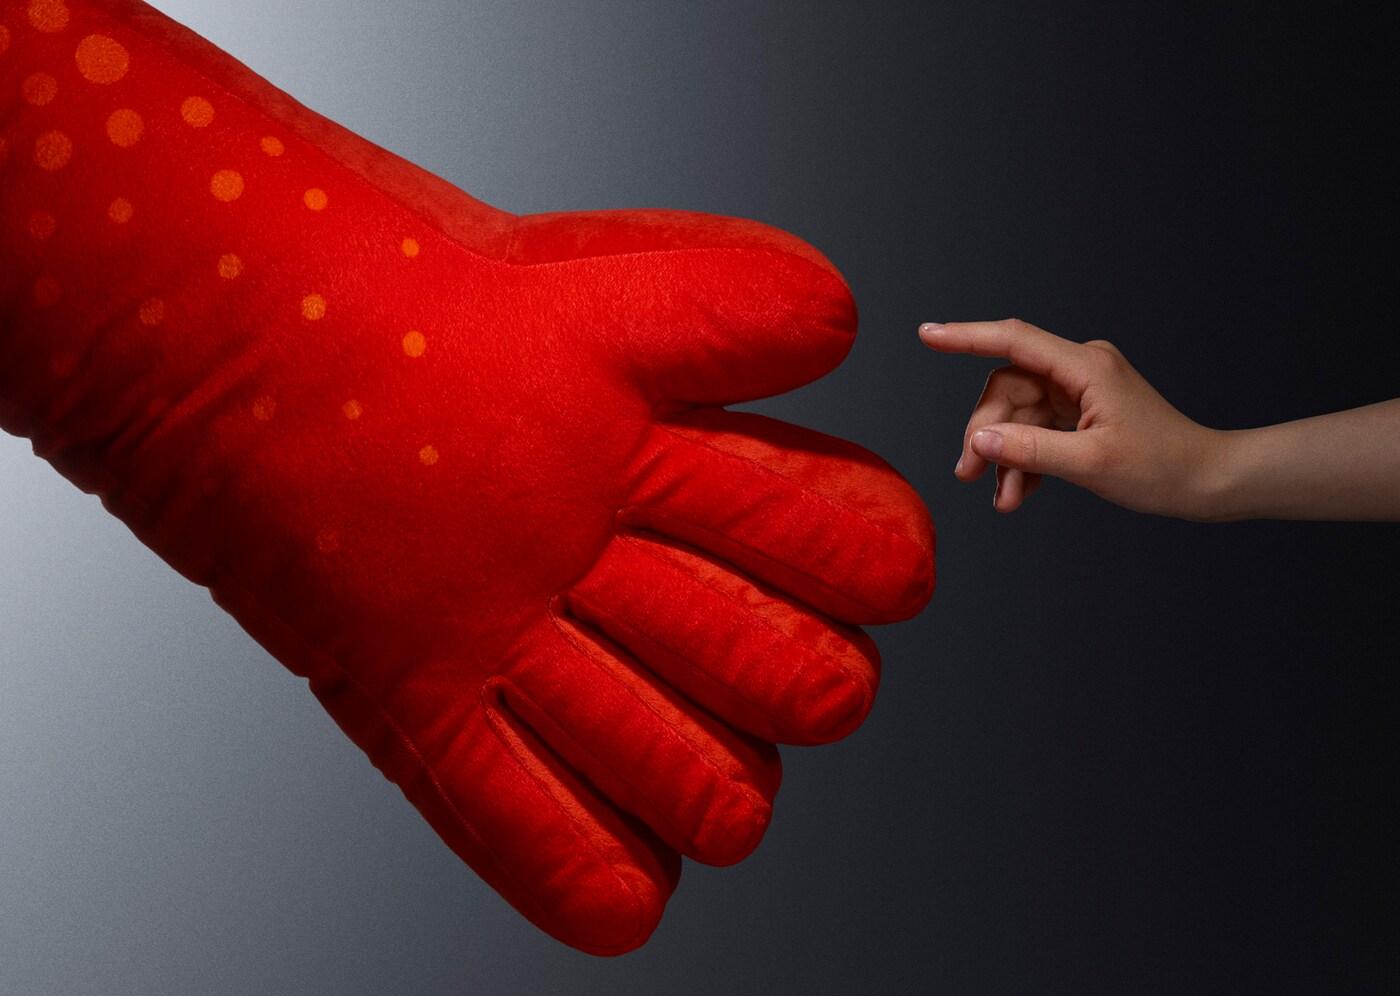 Verlier dich im Spiel – mit dem übergroßen IKEA LUSTIGT Kissen in Handform und im kräftigen Rot gelingt das sicherlich leicht.